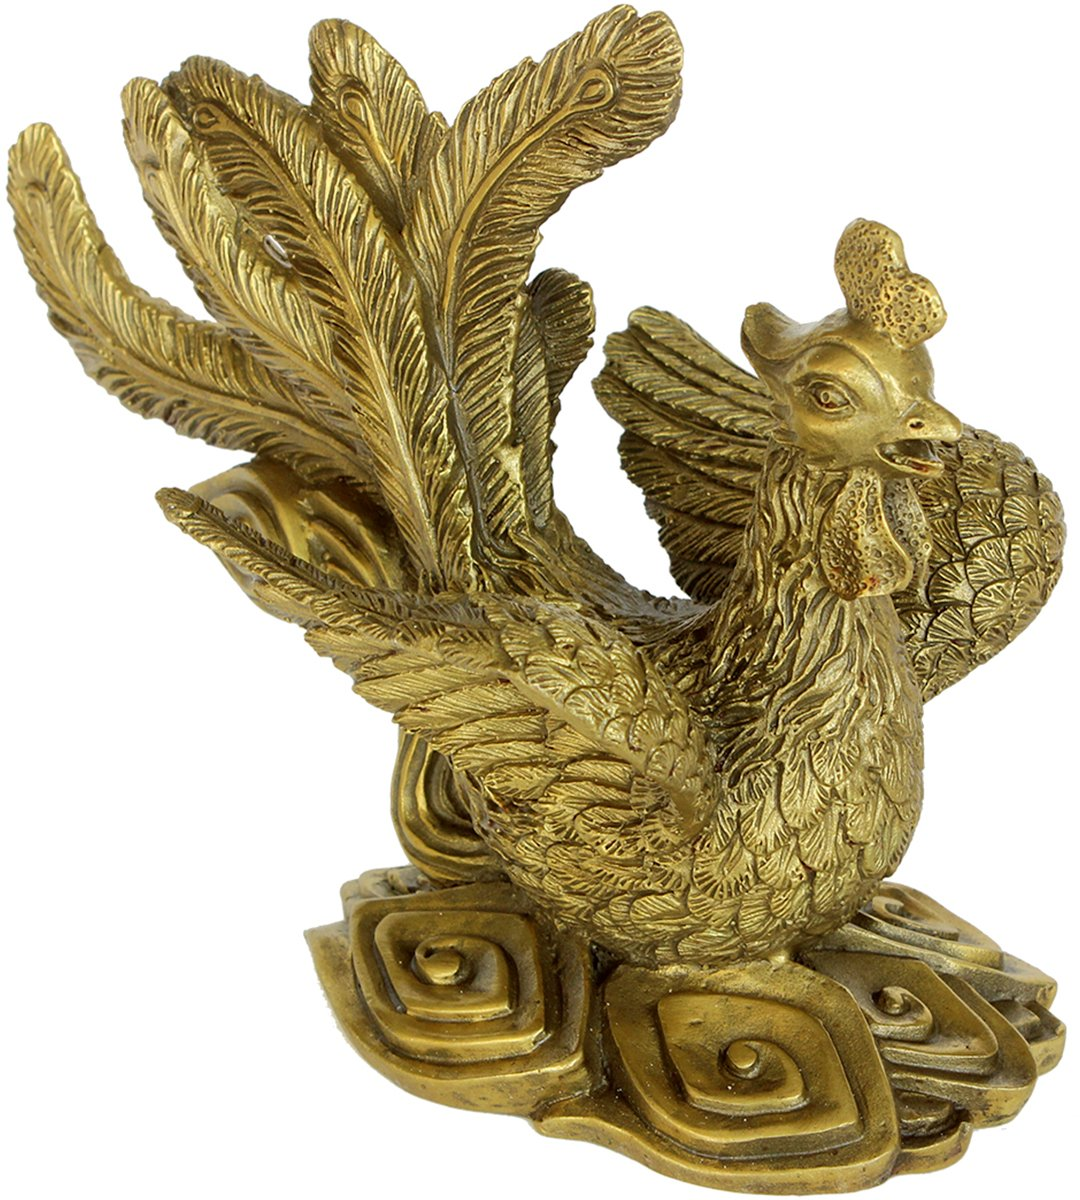 銅製  鳳凰 万鳥の王 飾り物 縁起物 魔よけ 開運 幸運の置物 お守り B0711V425B